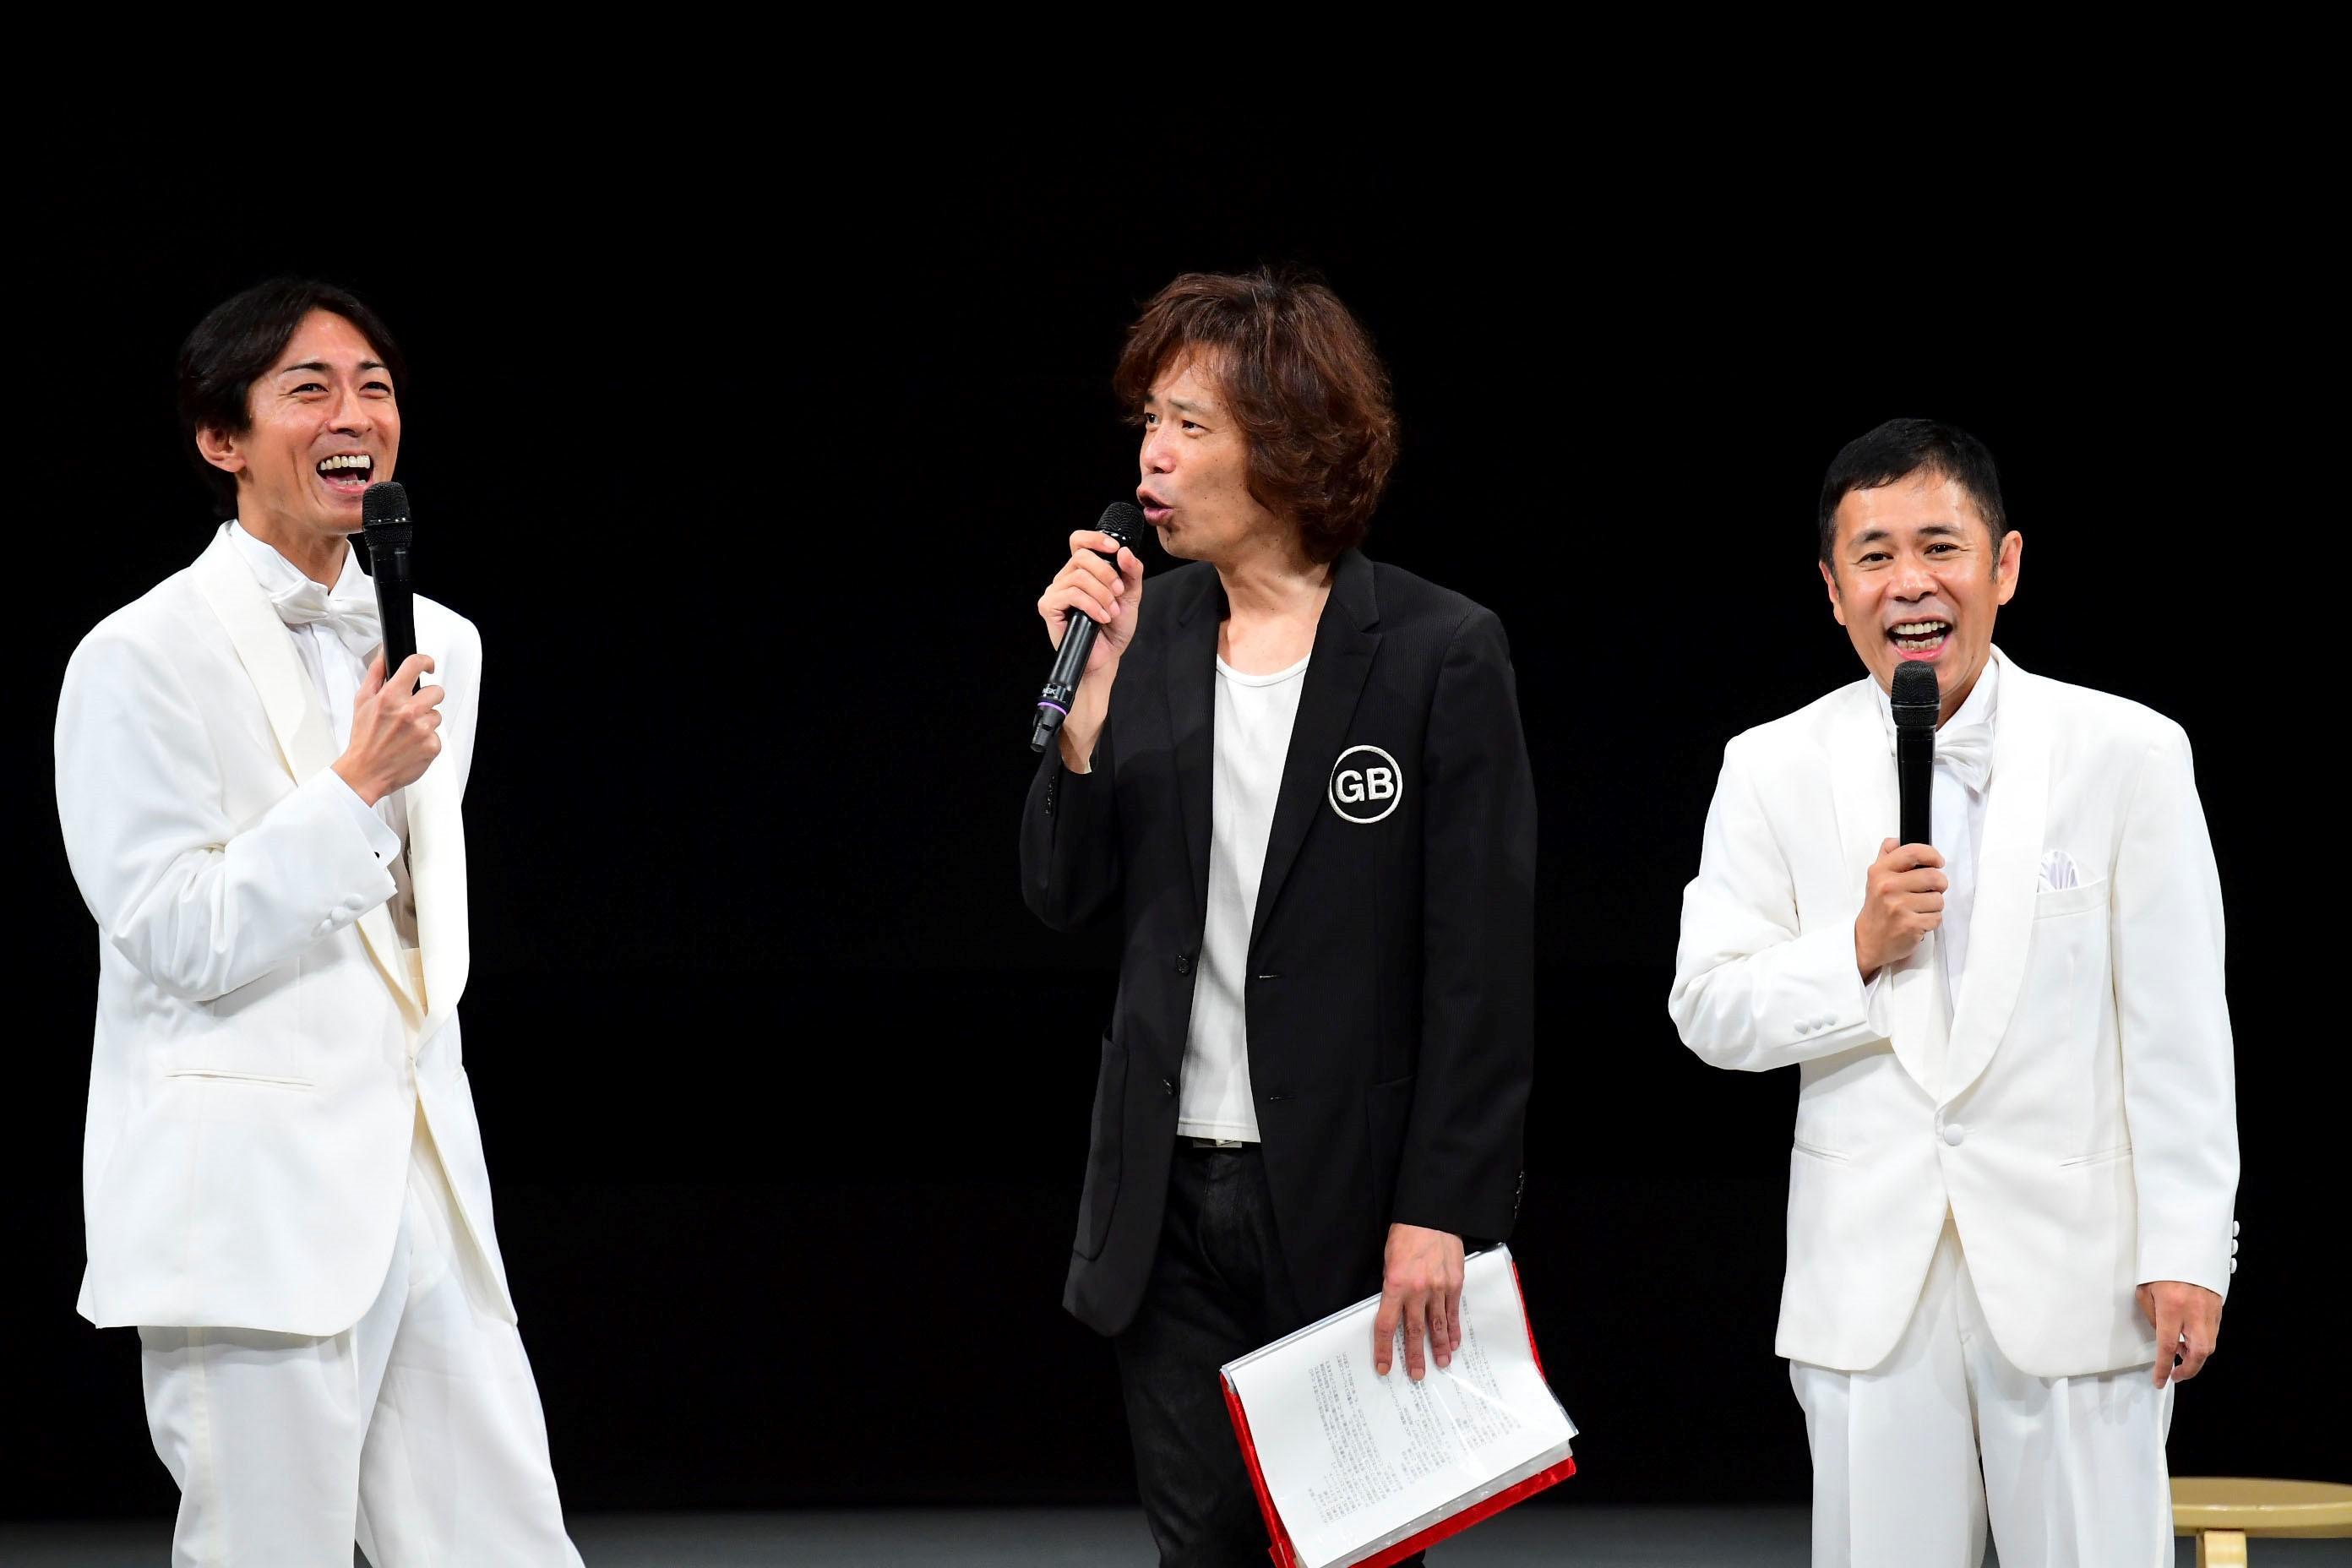 http://news.yoshimoto.co.jp/20170929192429-d6855d7a0f3950f57b0f4cd0a308a5dcdcf70255.jpg